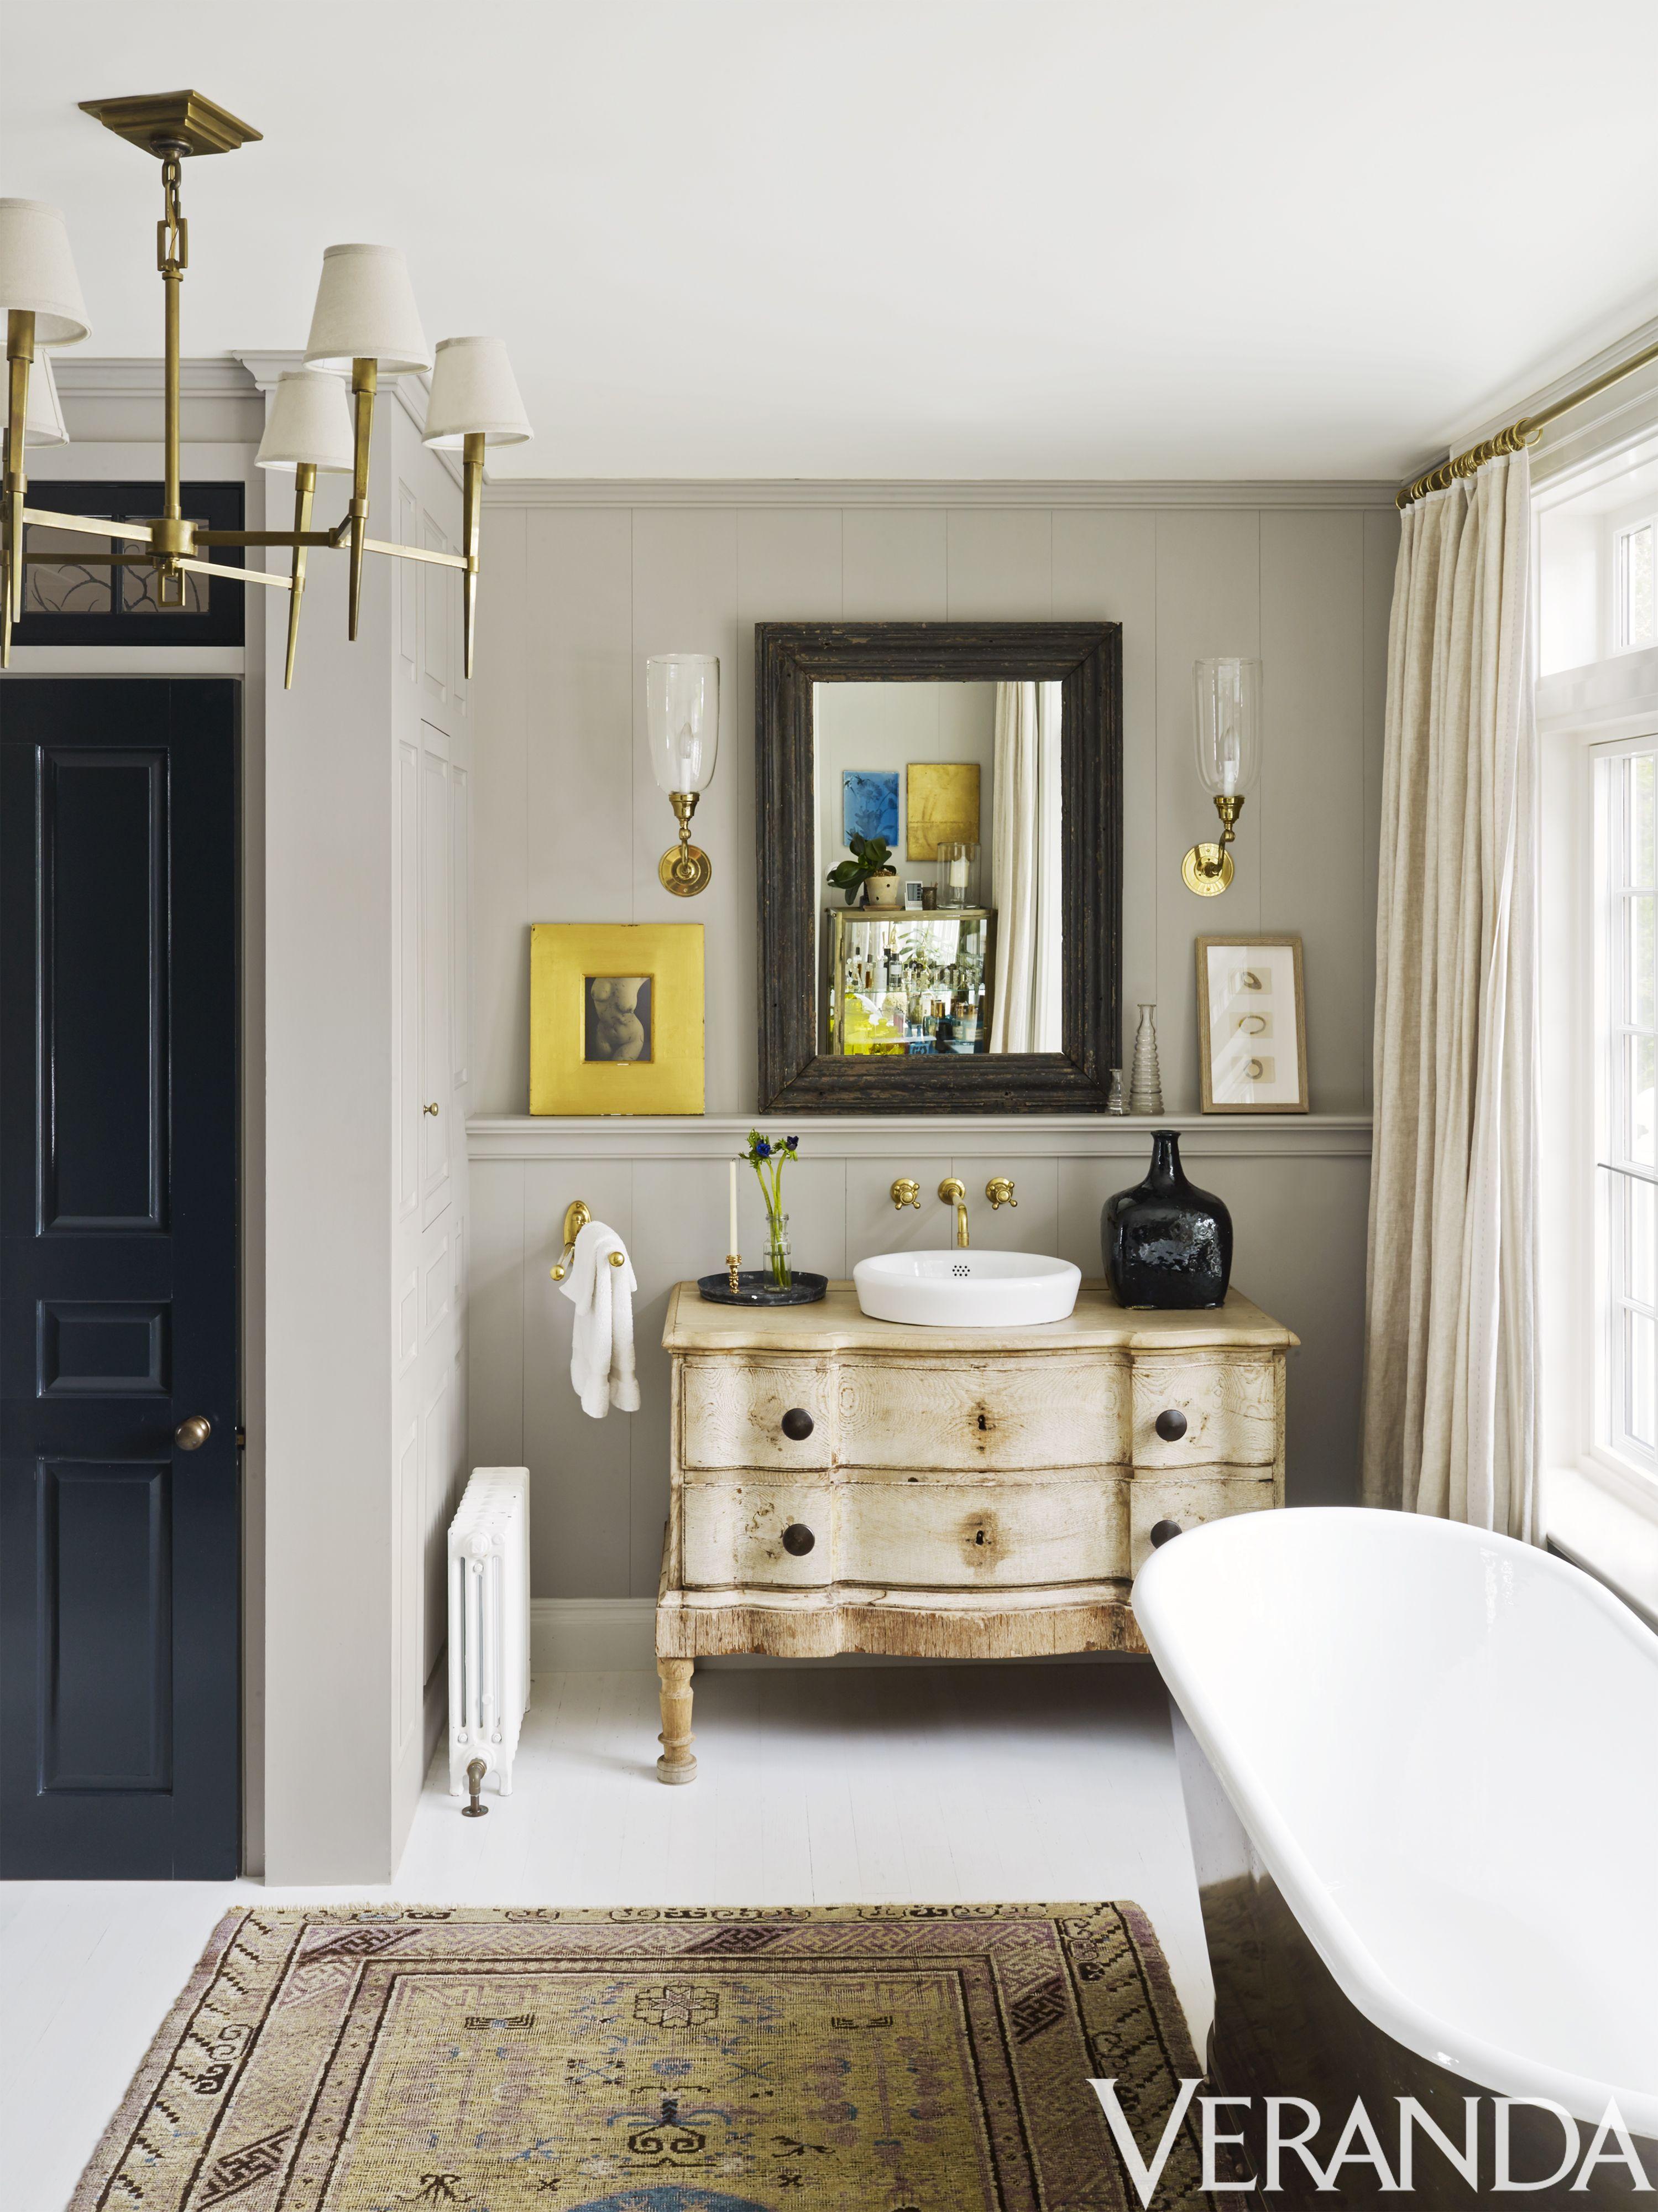 25+ Best Bathroom Design Ideas 25 - Top Designer Bathrooms